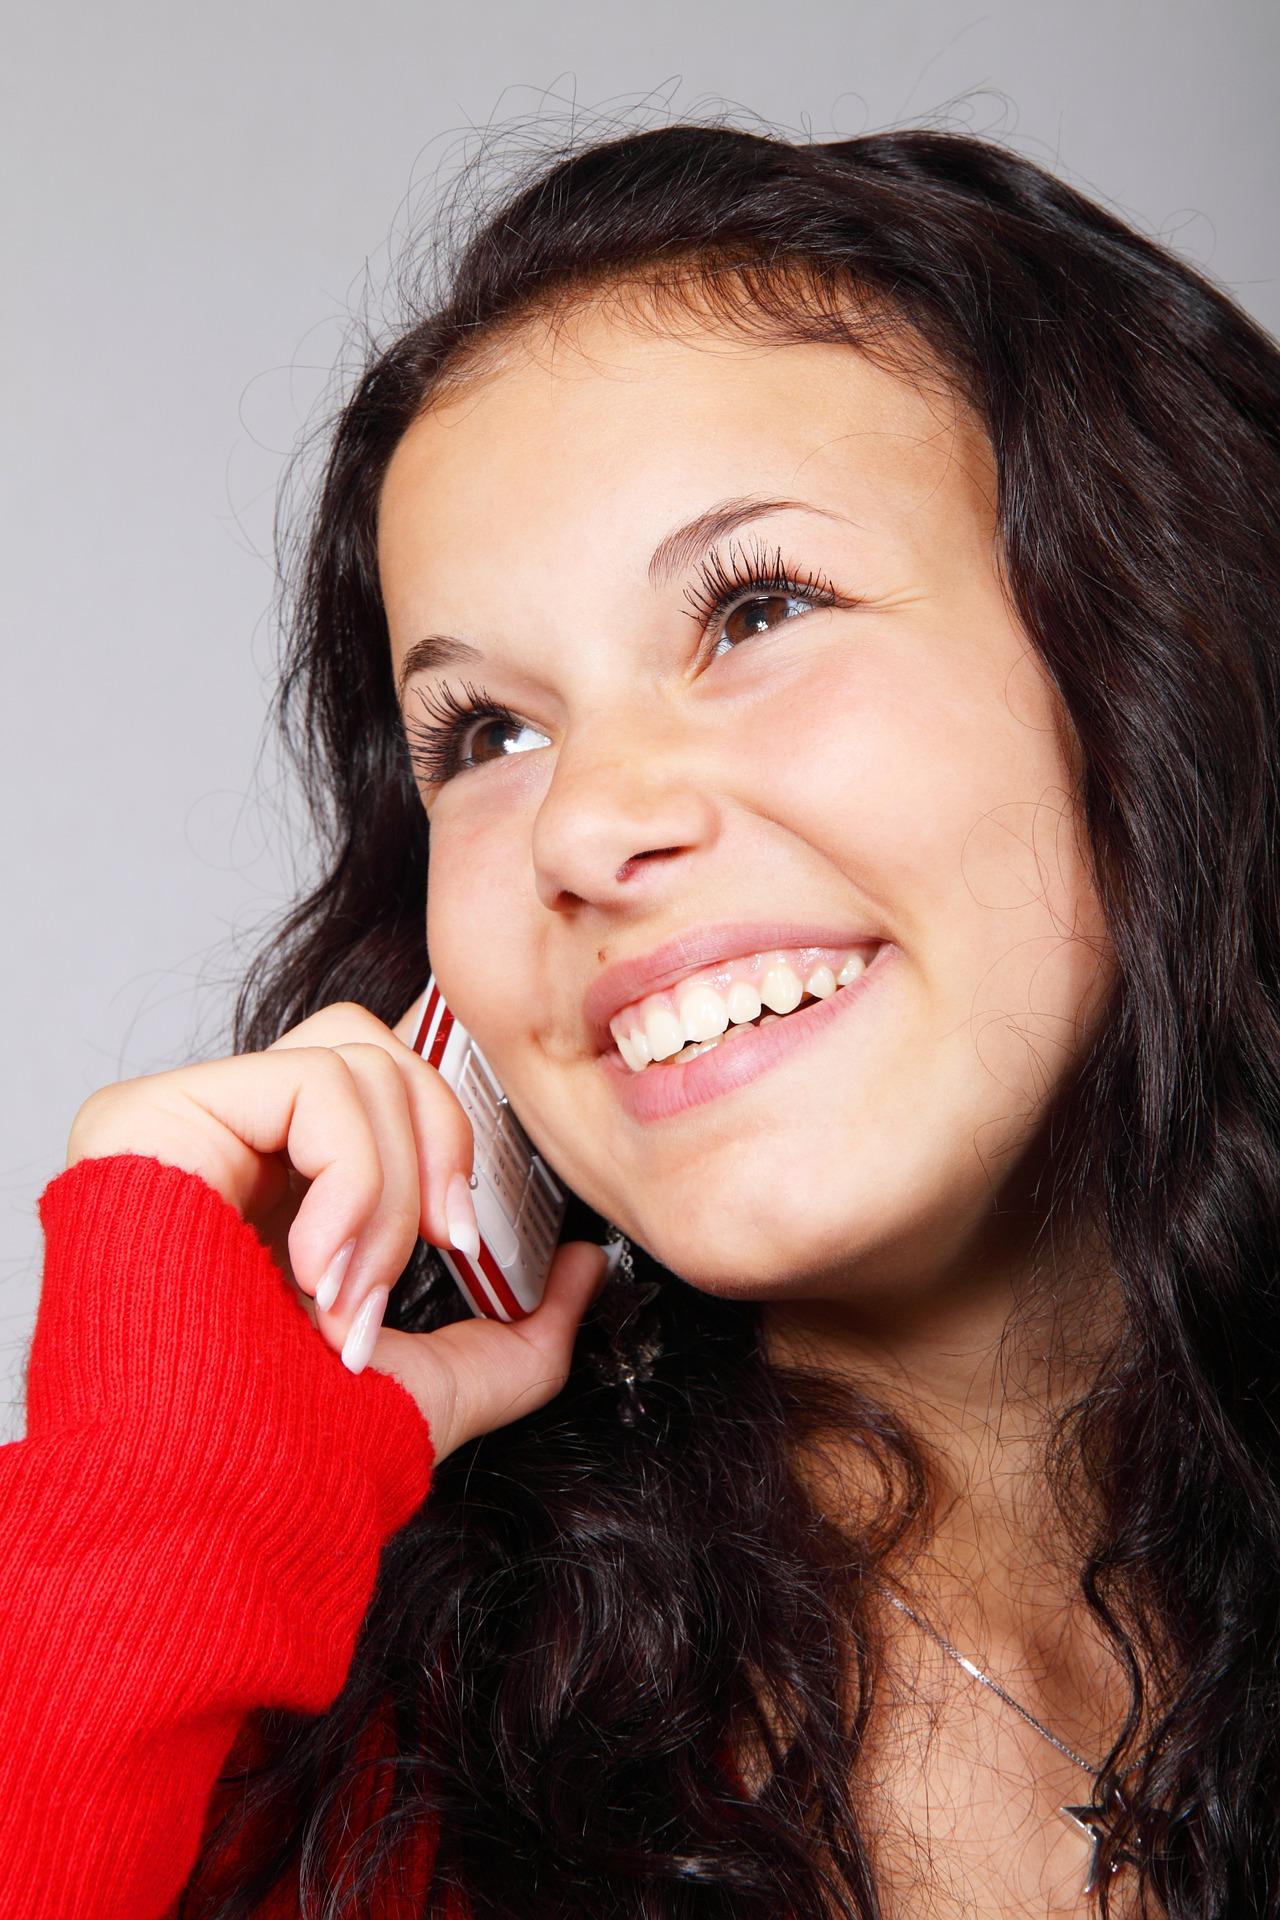 Bel voor een gratis oriënterend gesprek